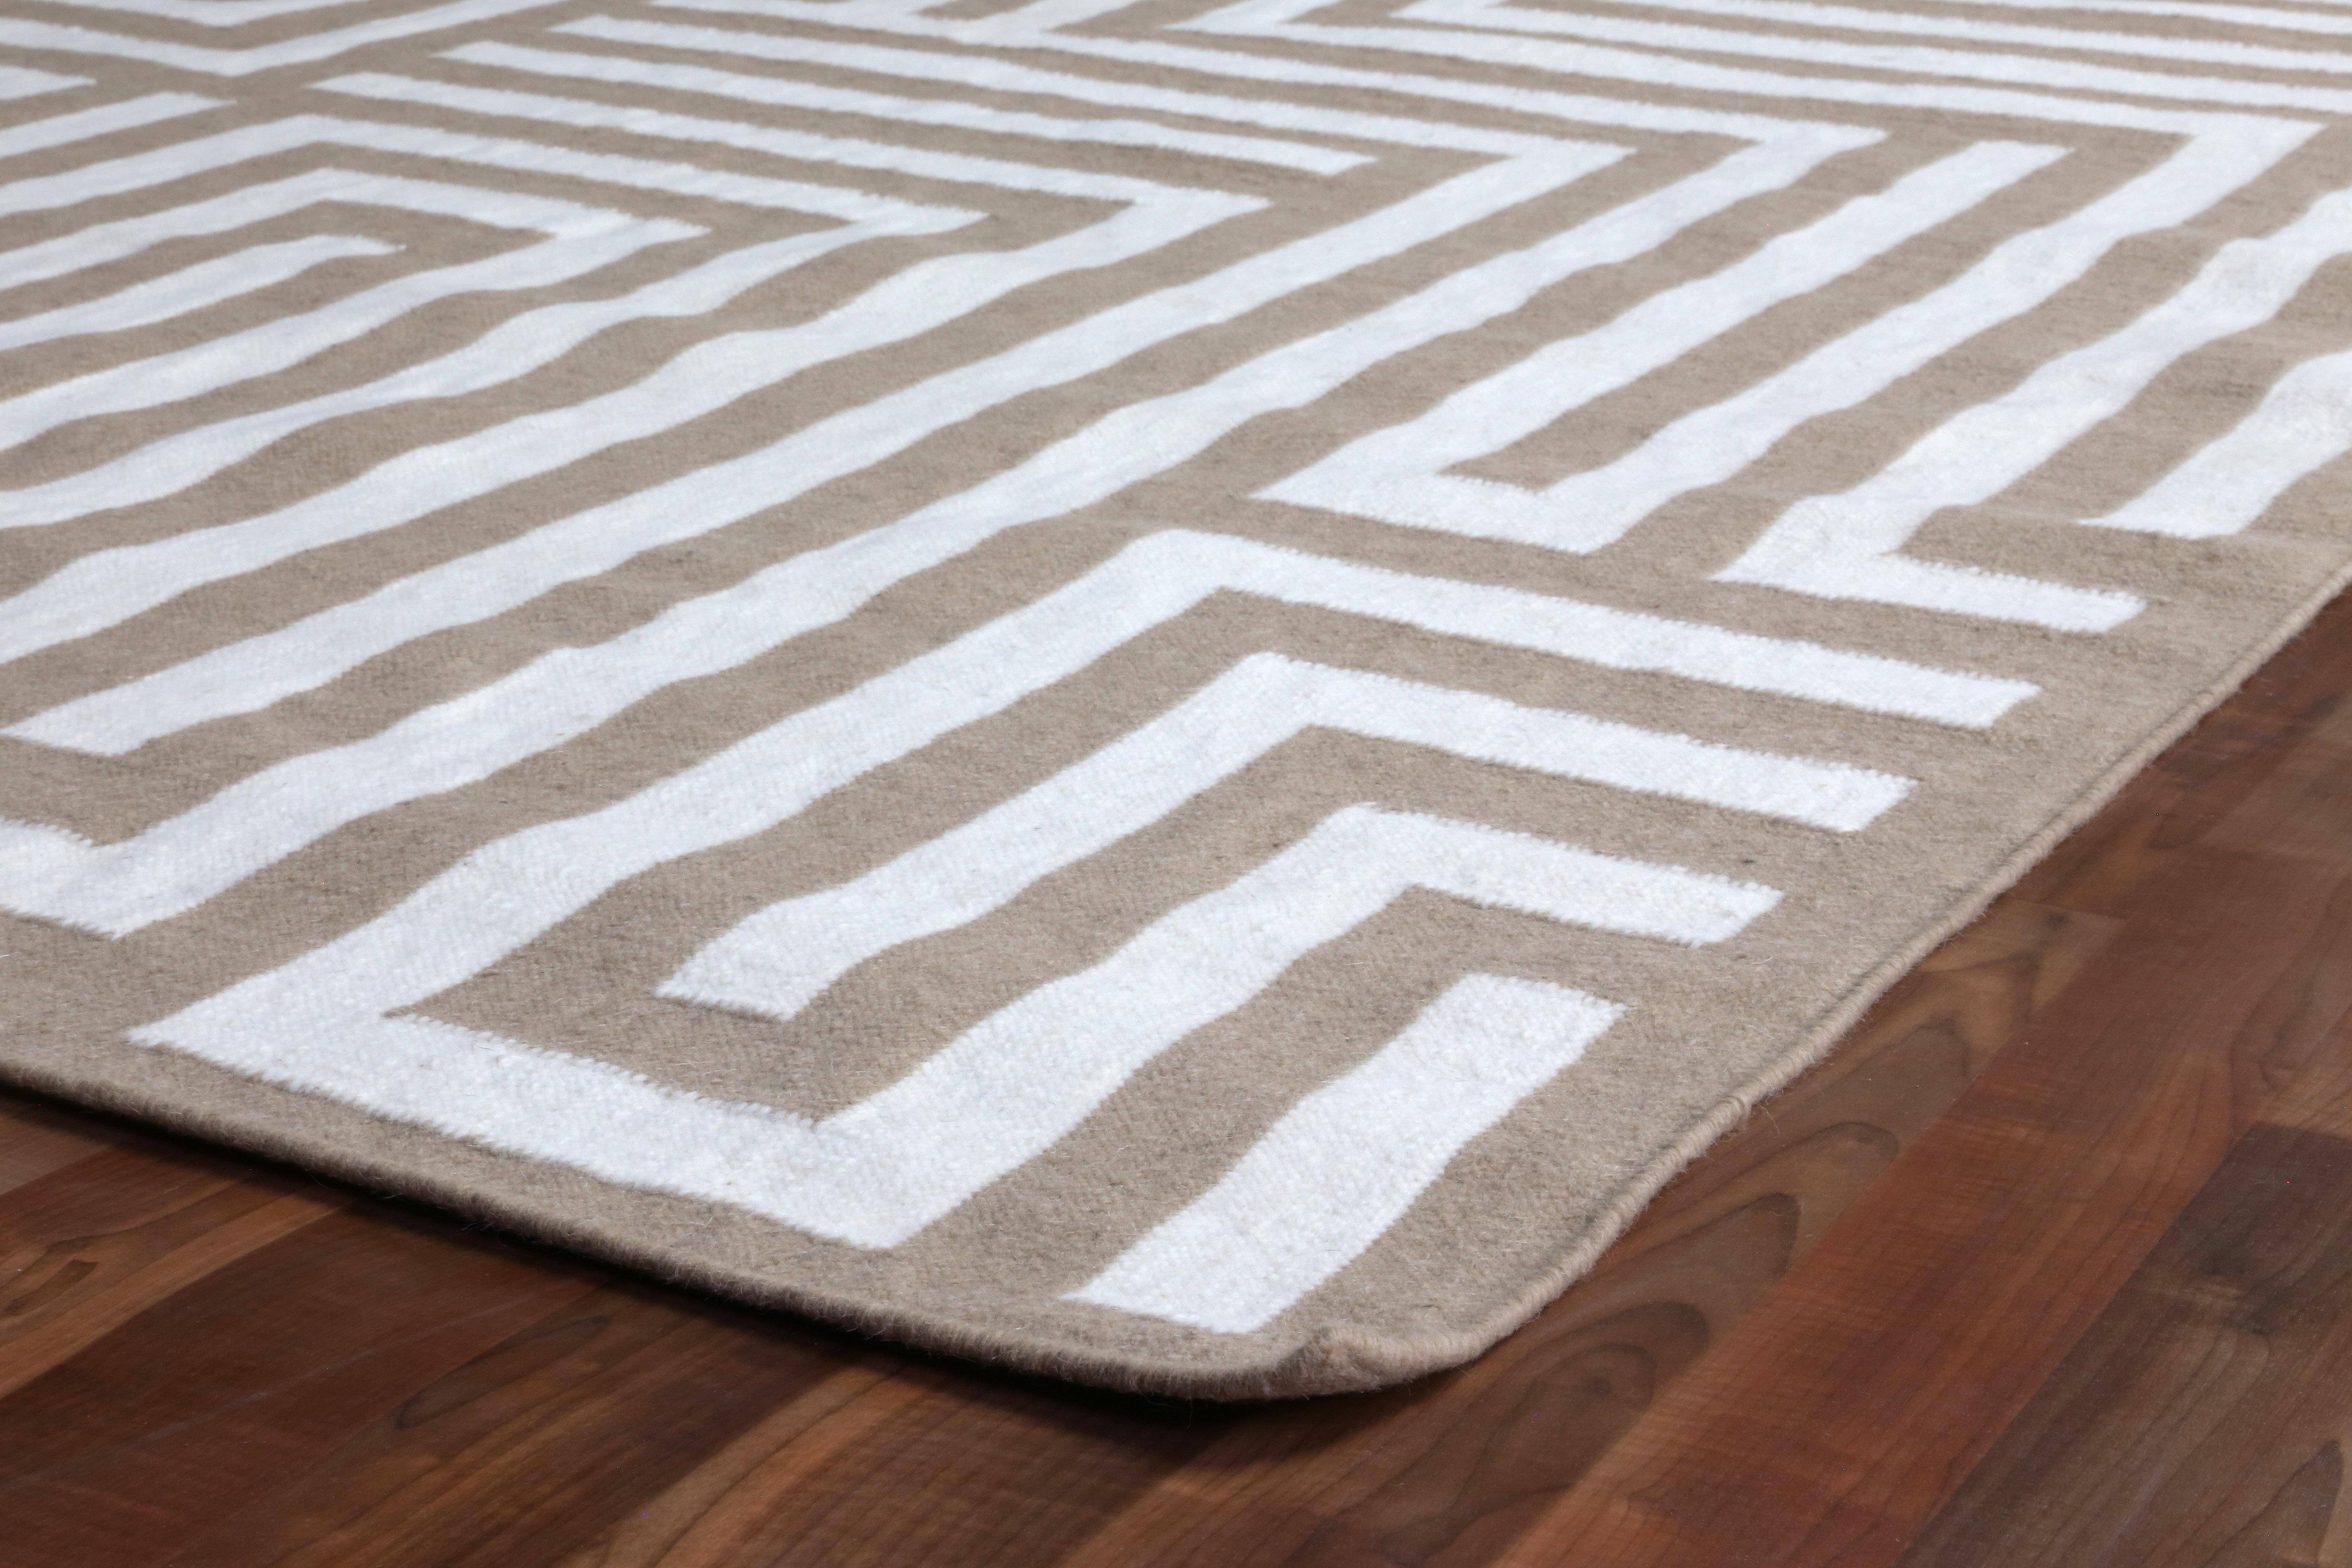 Exquisite Rugs Flat Woven Wool Beige Area Rug Wayfair